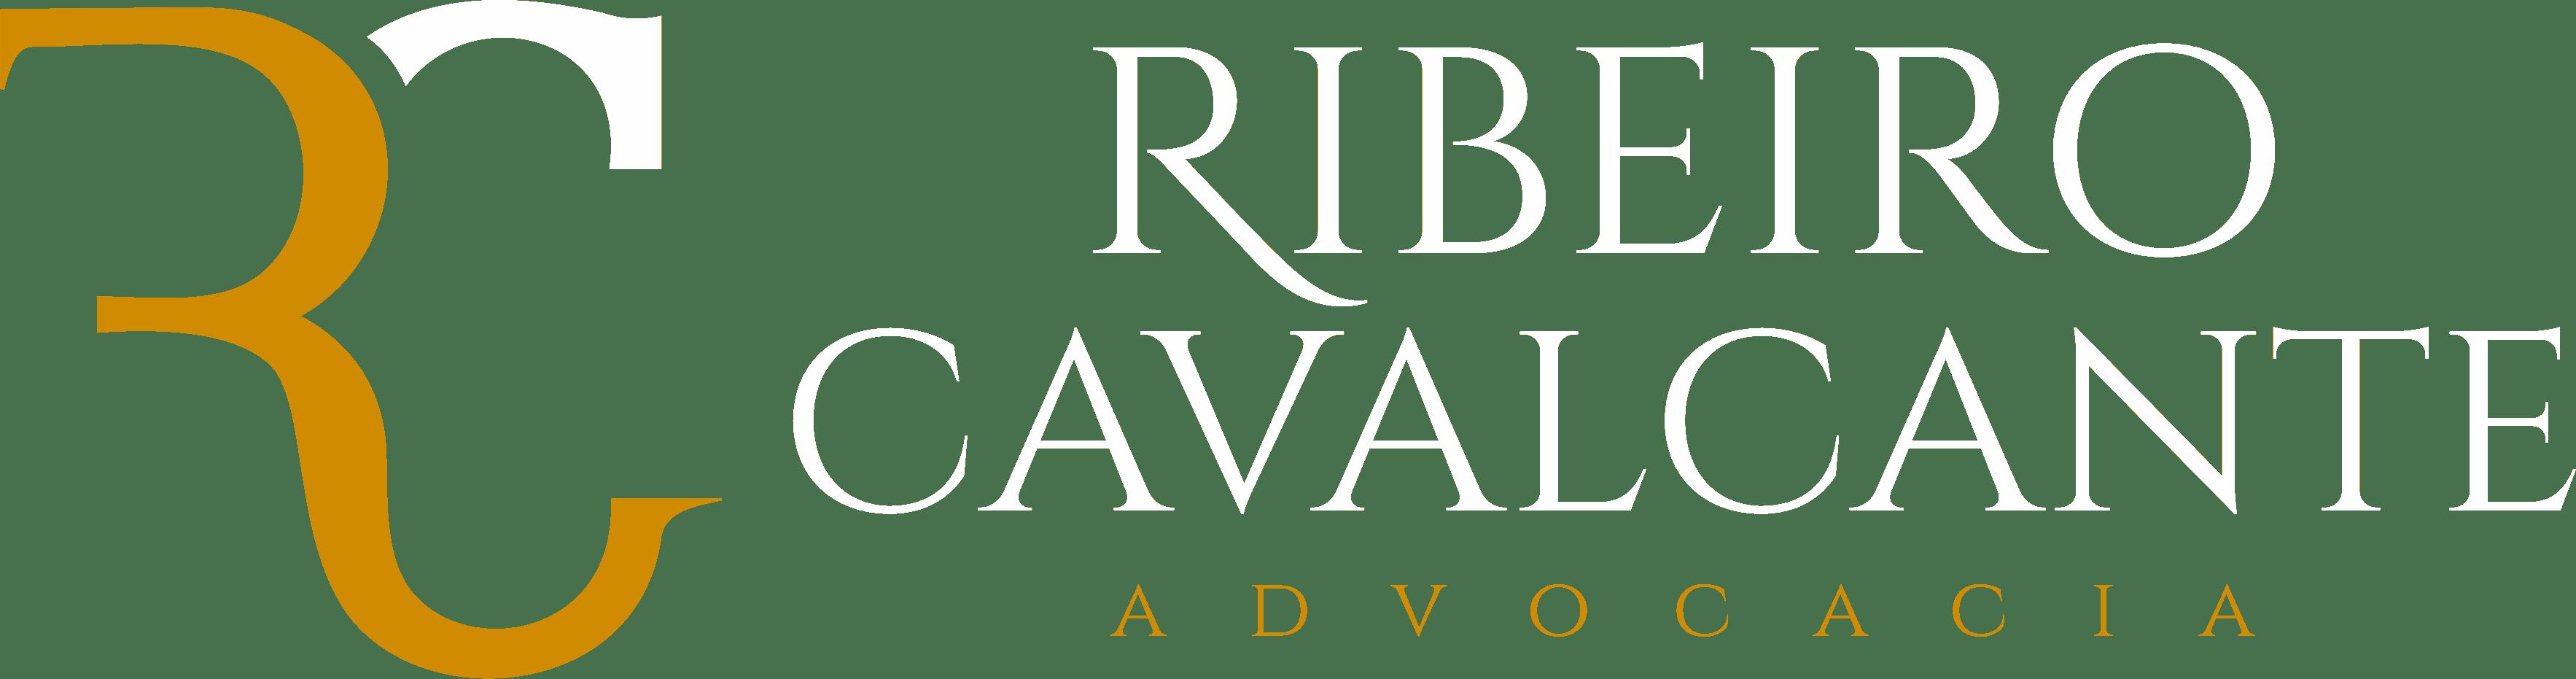 Ribeiro Cavalcante Advocacia